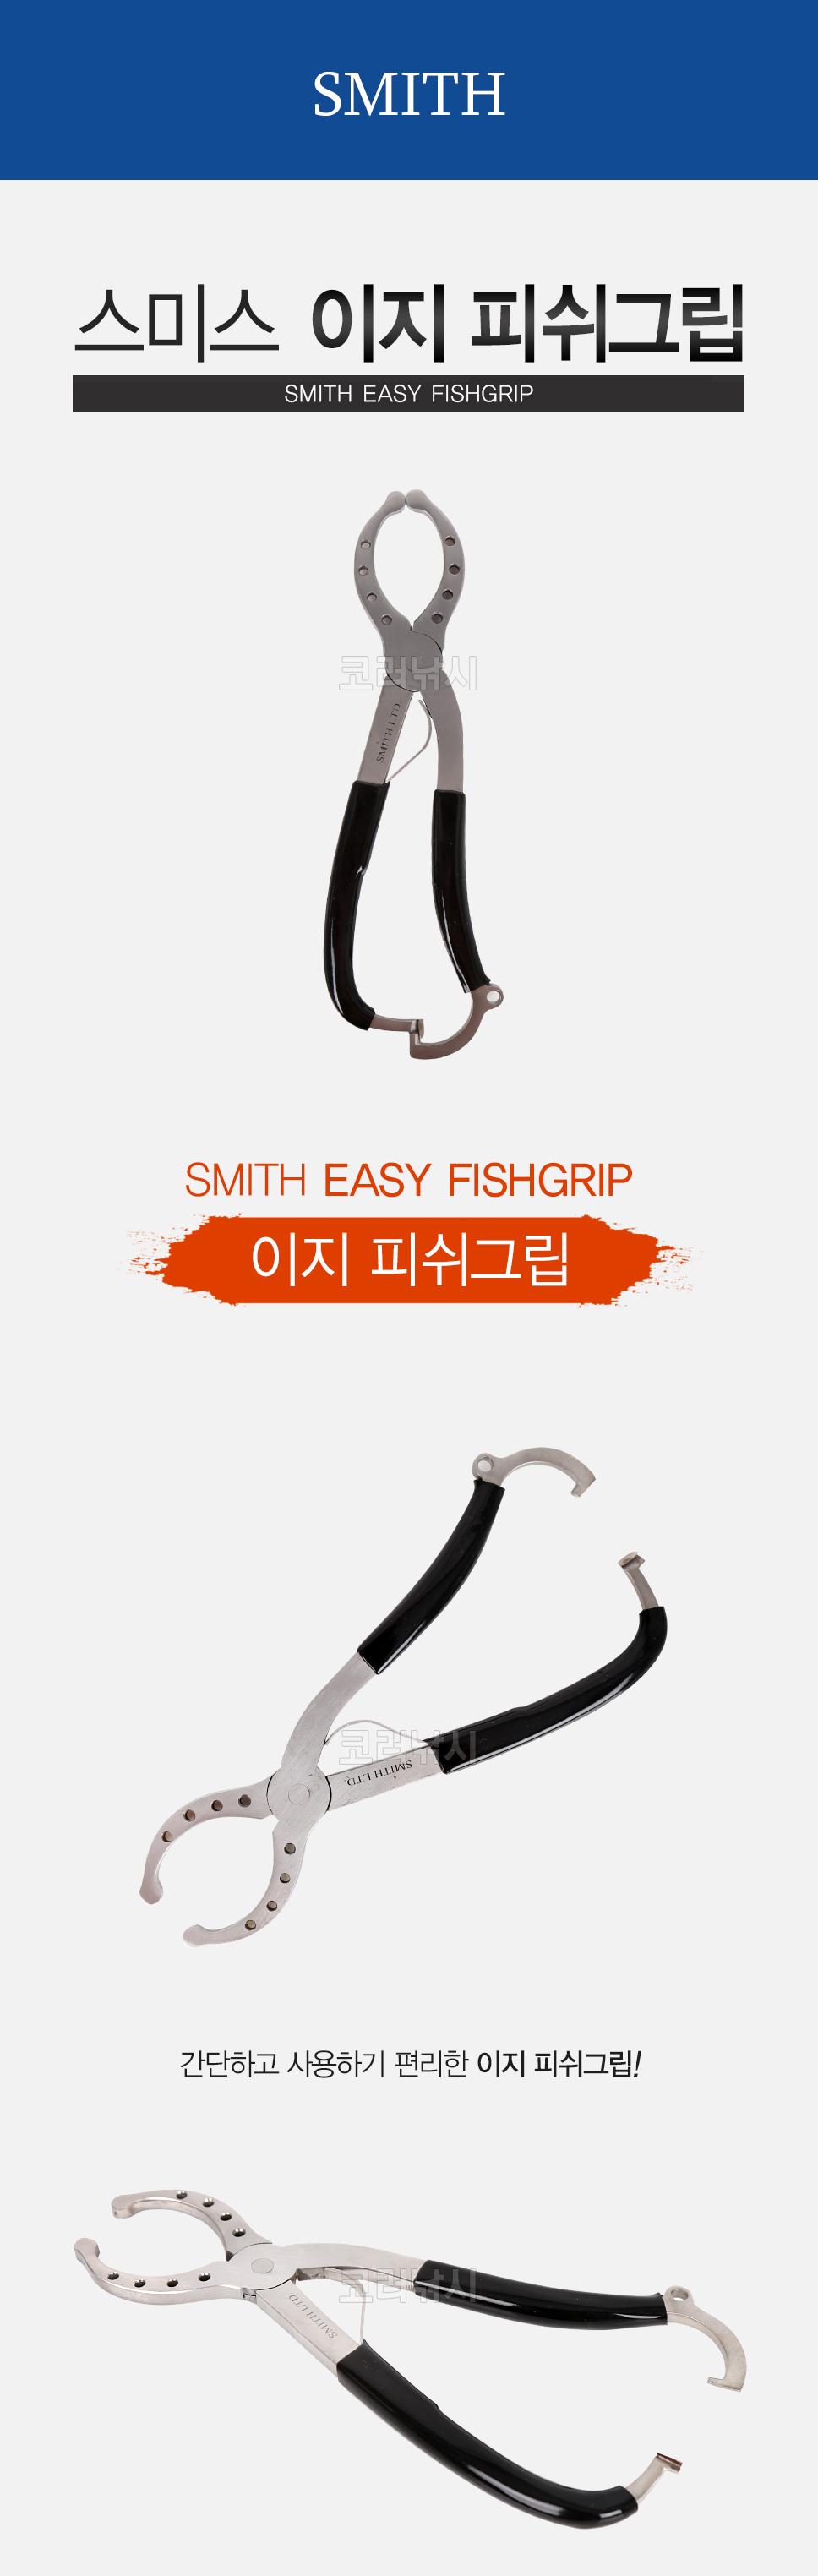 스미스 이지 피쉬그립 (EASY FISH GRIP) 스미스립그립 이지립그립 피시립그립 피쉬립그립